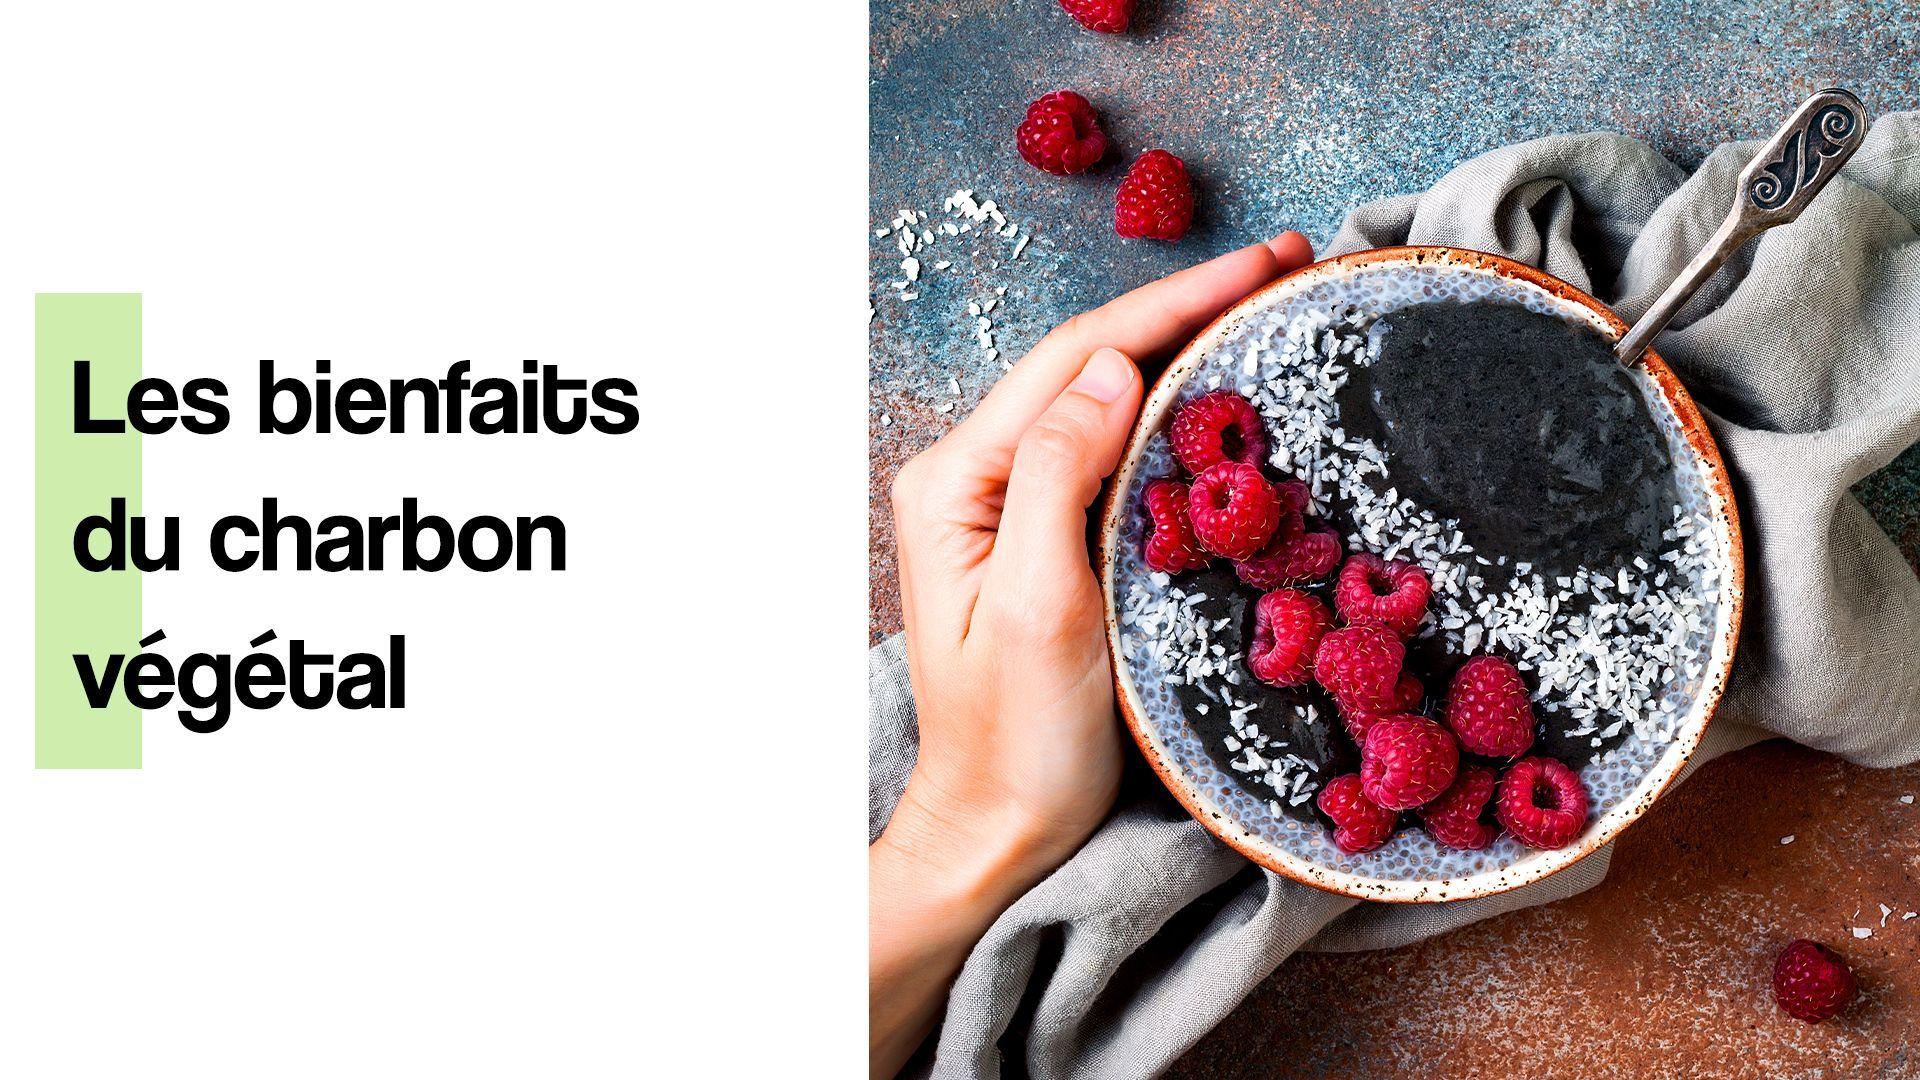 Les bienfaits du charbon végétal en cuisine